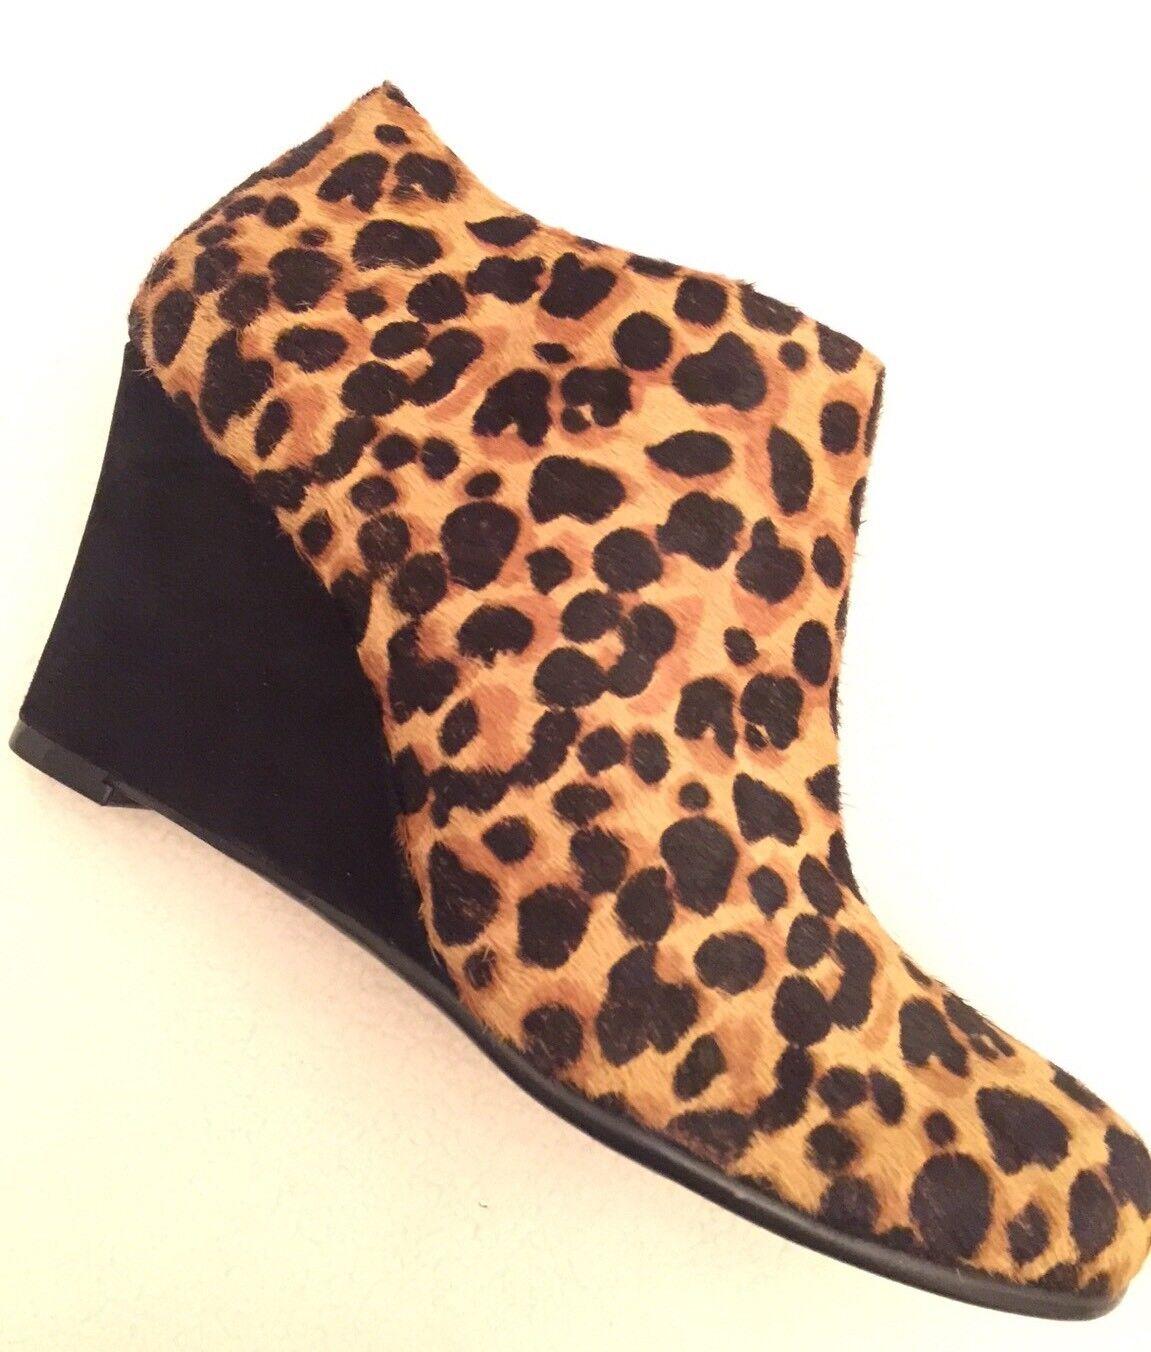 New Aerosoles Plum Pie Leopard Calf Fur Booties Ankle Boots sz 5.5 M